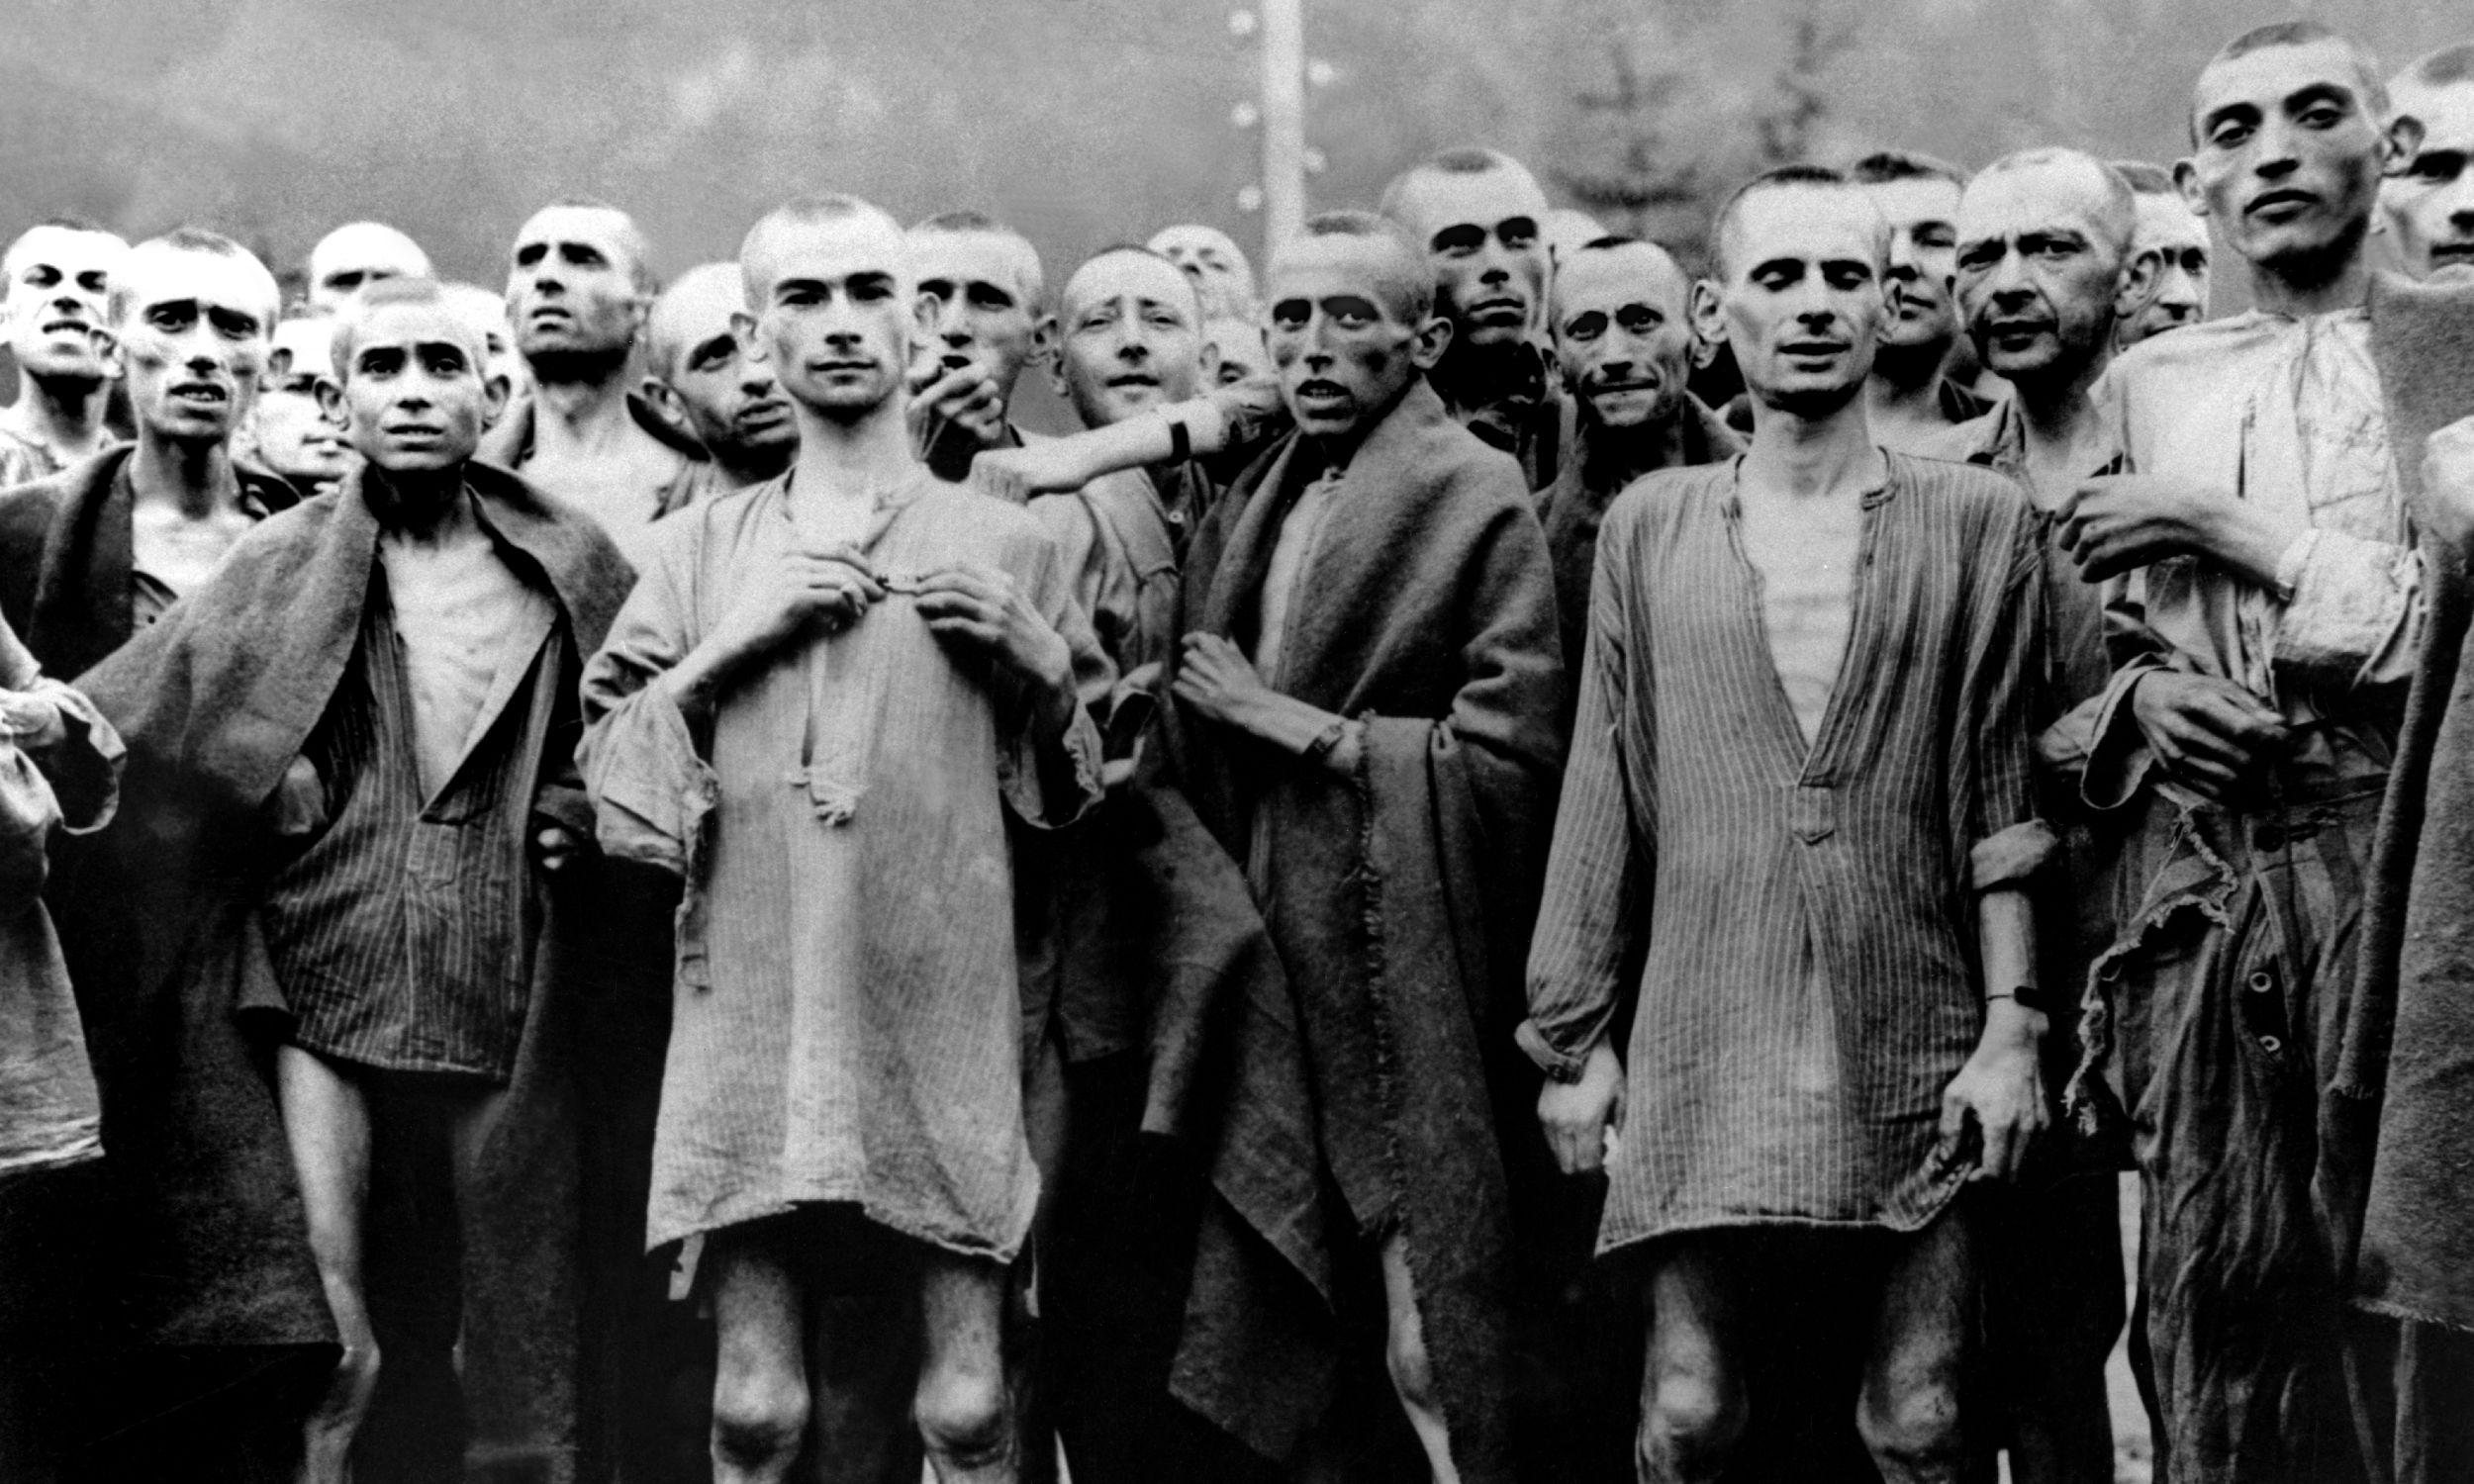 Więźniowie ewakuowani z obozu koncentracyjnego Neuengamme Hannover-Stocken 8 kwietnia 1944, którym udało się uniknąć masakry w Gardelegen. Fot. Keystone-France/Gamma-Keystone via Getty Images